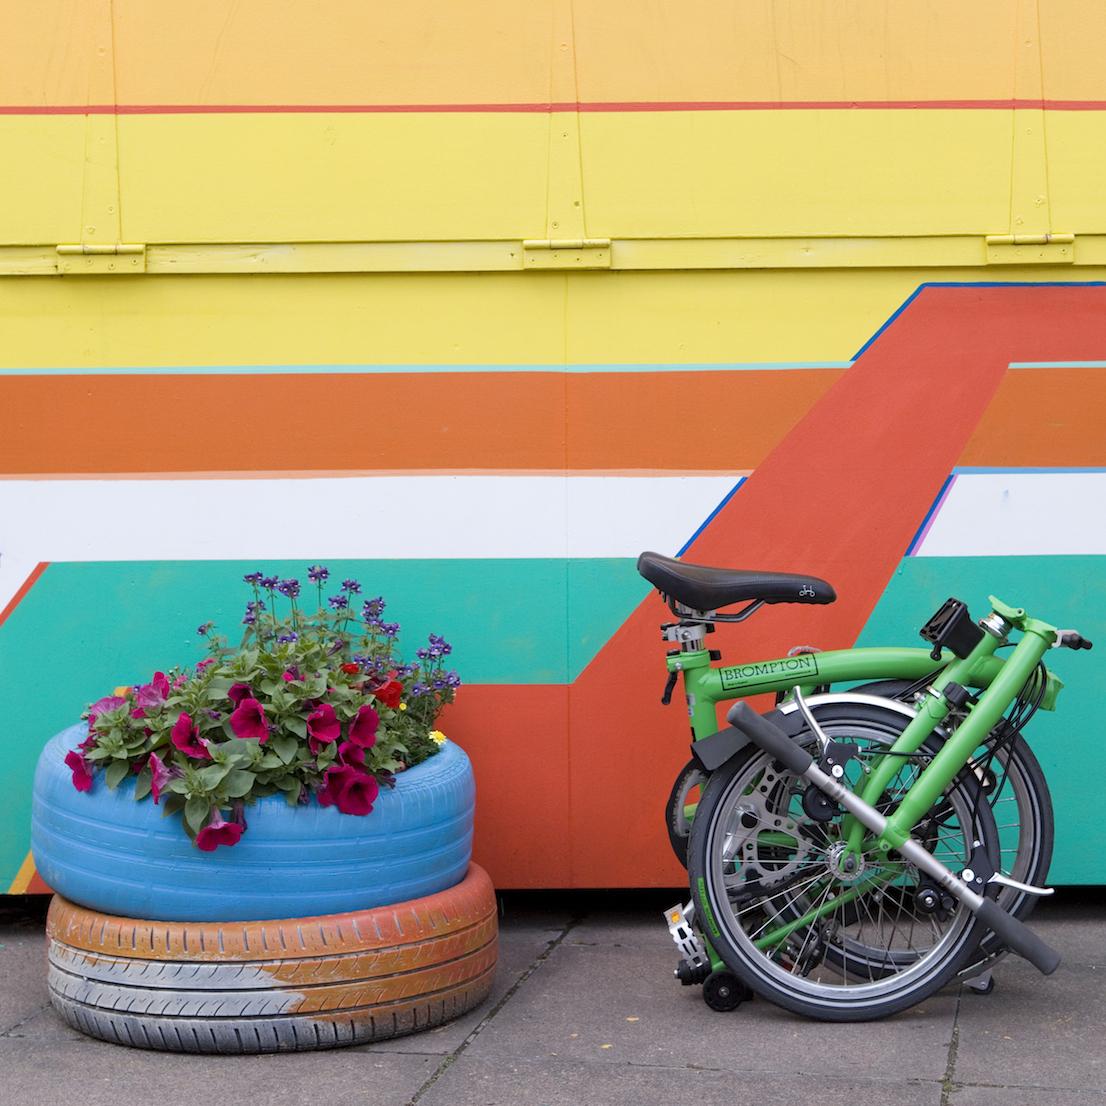 Bikingdays, da 3 anni riferimento milanese per Brompton, approfitta della Milano Design Week per lanciare il nuovo negozio Brompton Junction, il sesto del mondo con licenza esclusiva, dopo Kobe, Amsterdam, Amburgo, Shanghai e Londra.